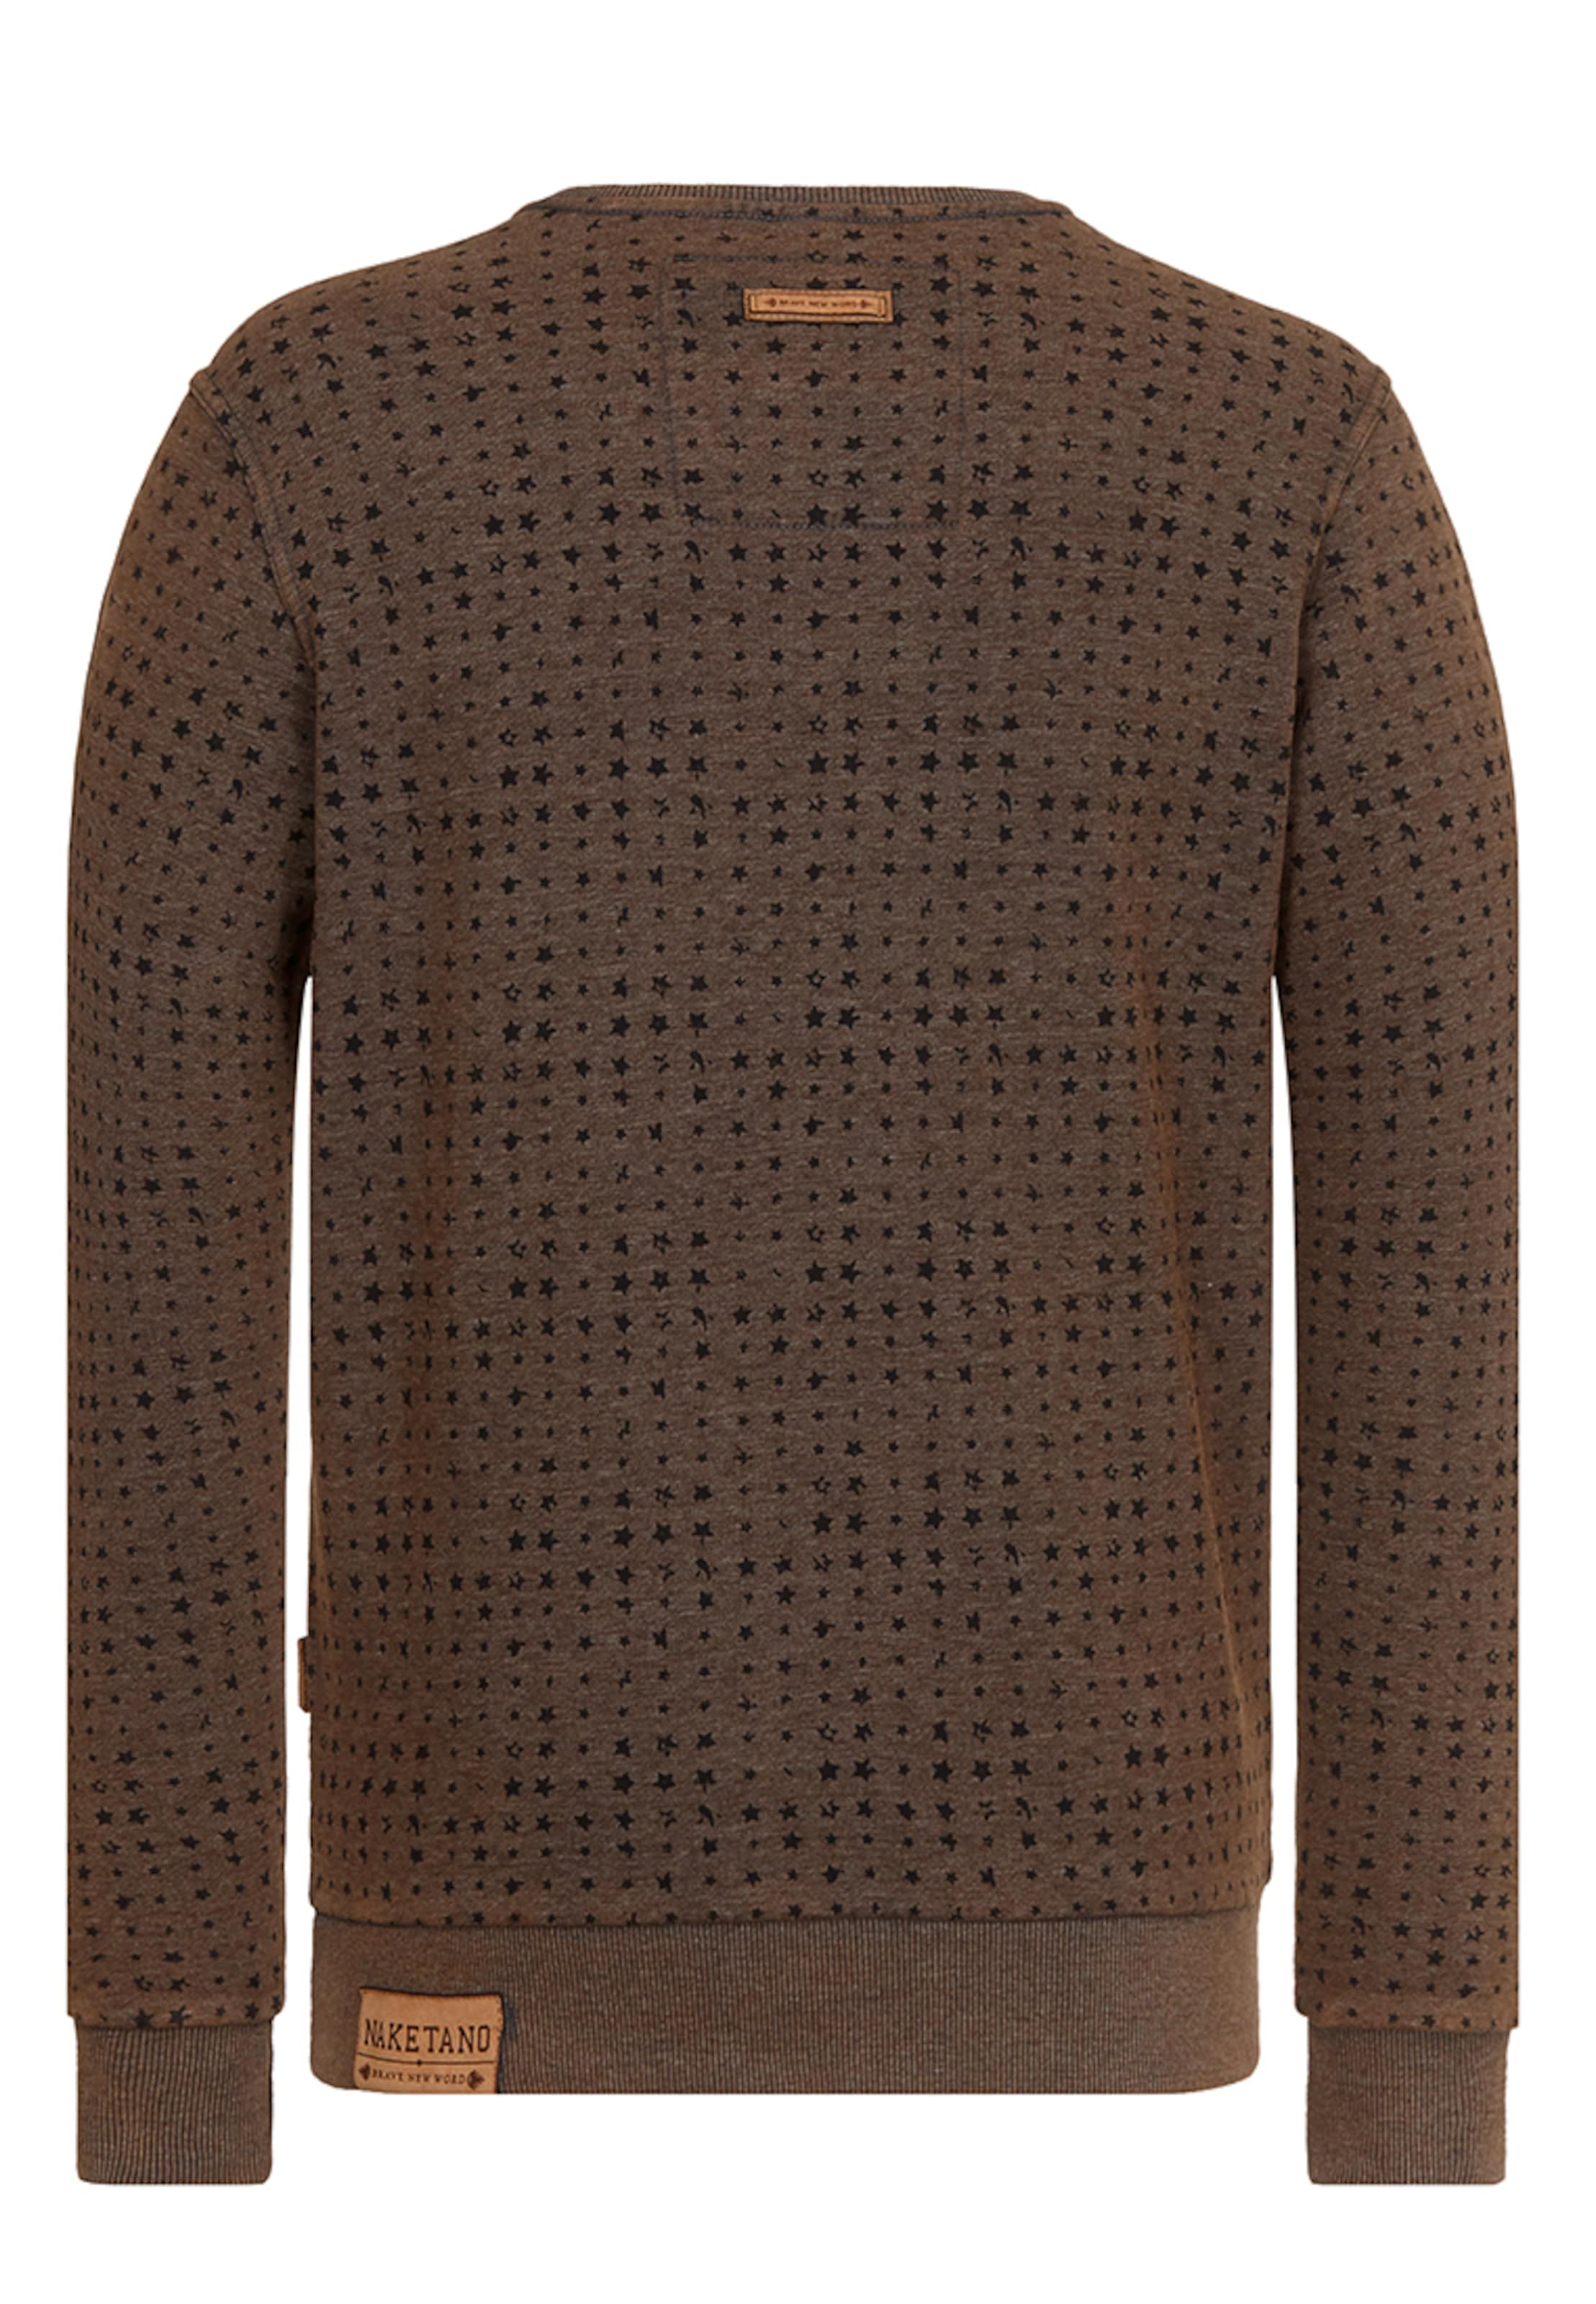 naketano Male Sweatshirt 'Tinte Aufm Füller III' 2018 Neueste Online Mode Zum Verkauf Günstig Kaufen Zuverlässig utCnzsHz